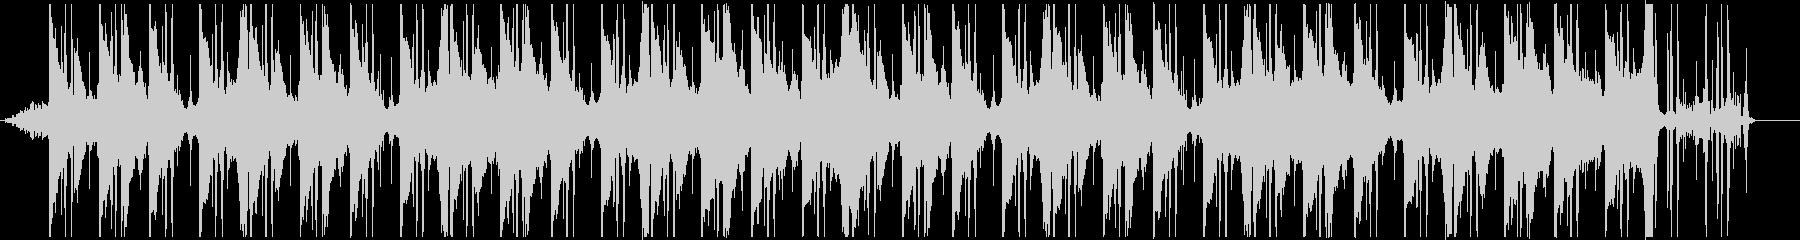 余韻のあるアンビ系チル、Lo-fiの未再生の波形